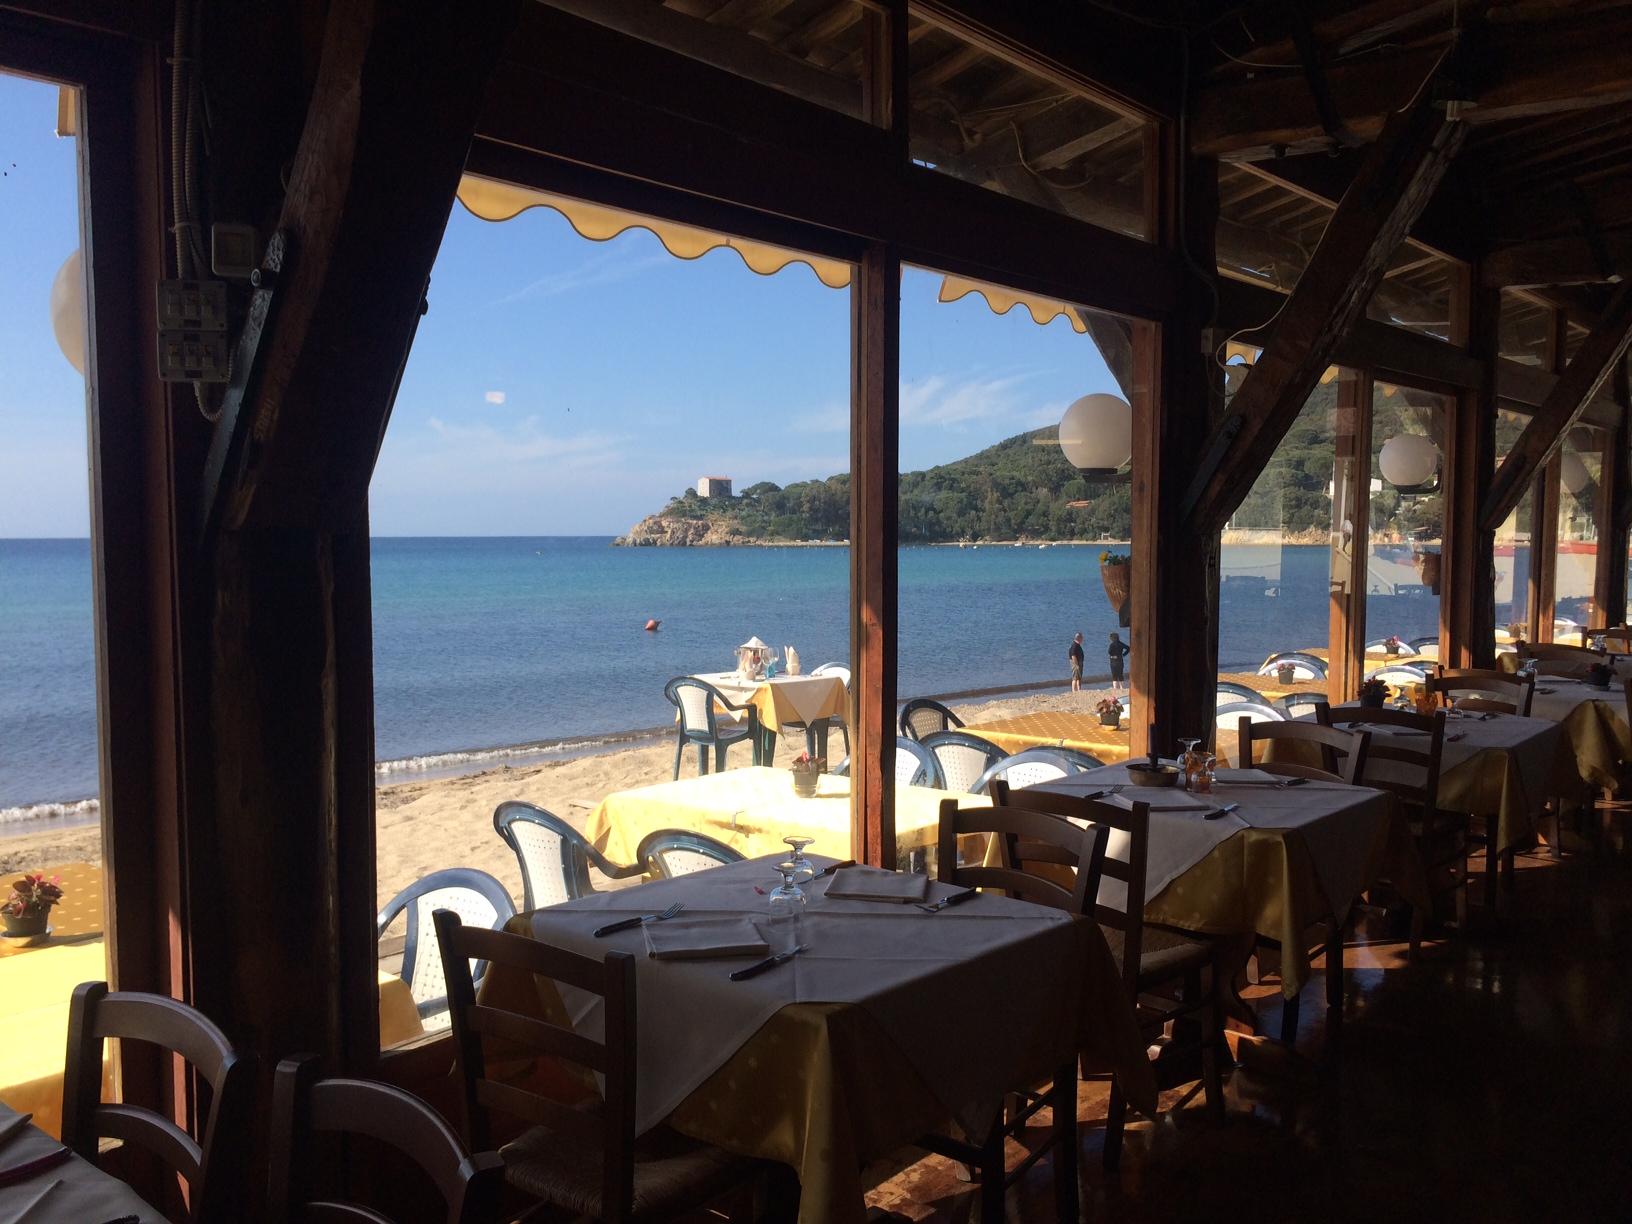 Ristorante Sea Club Paola